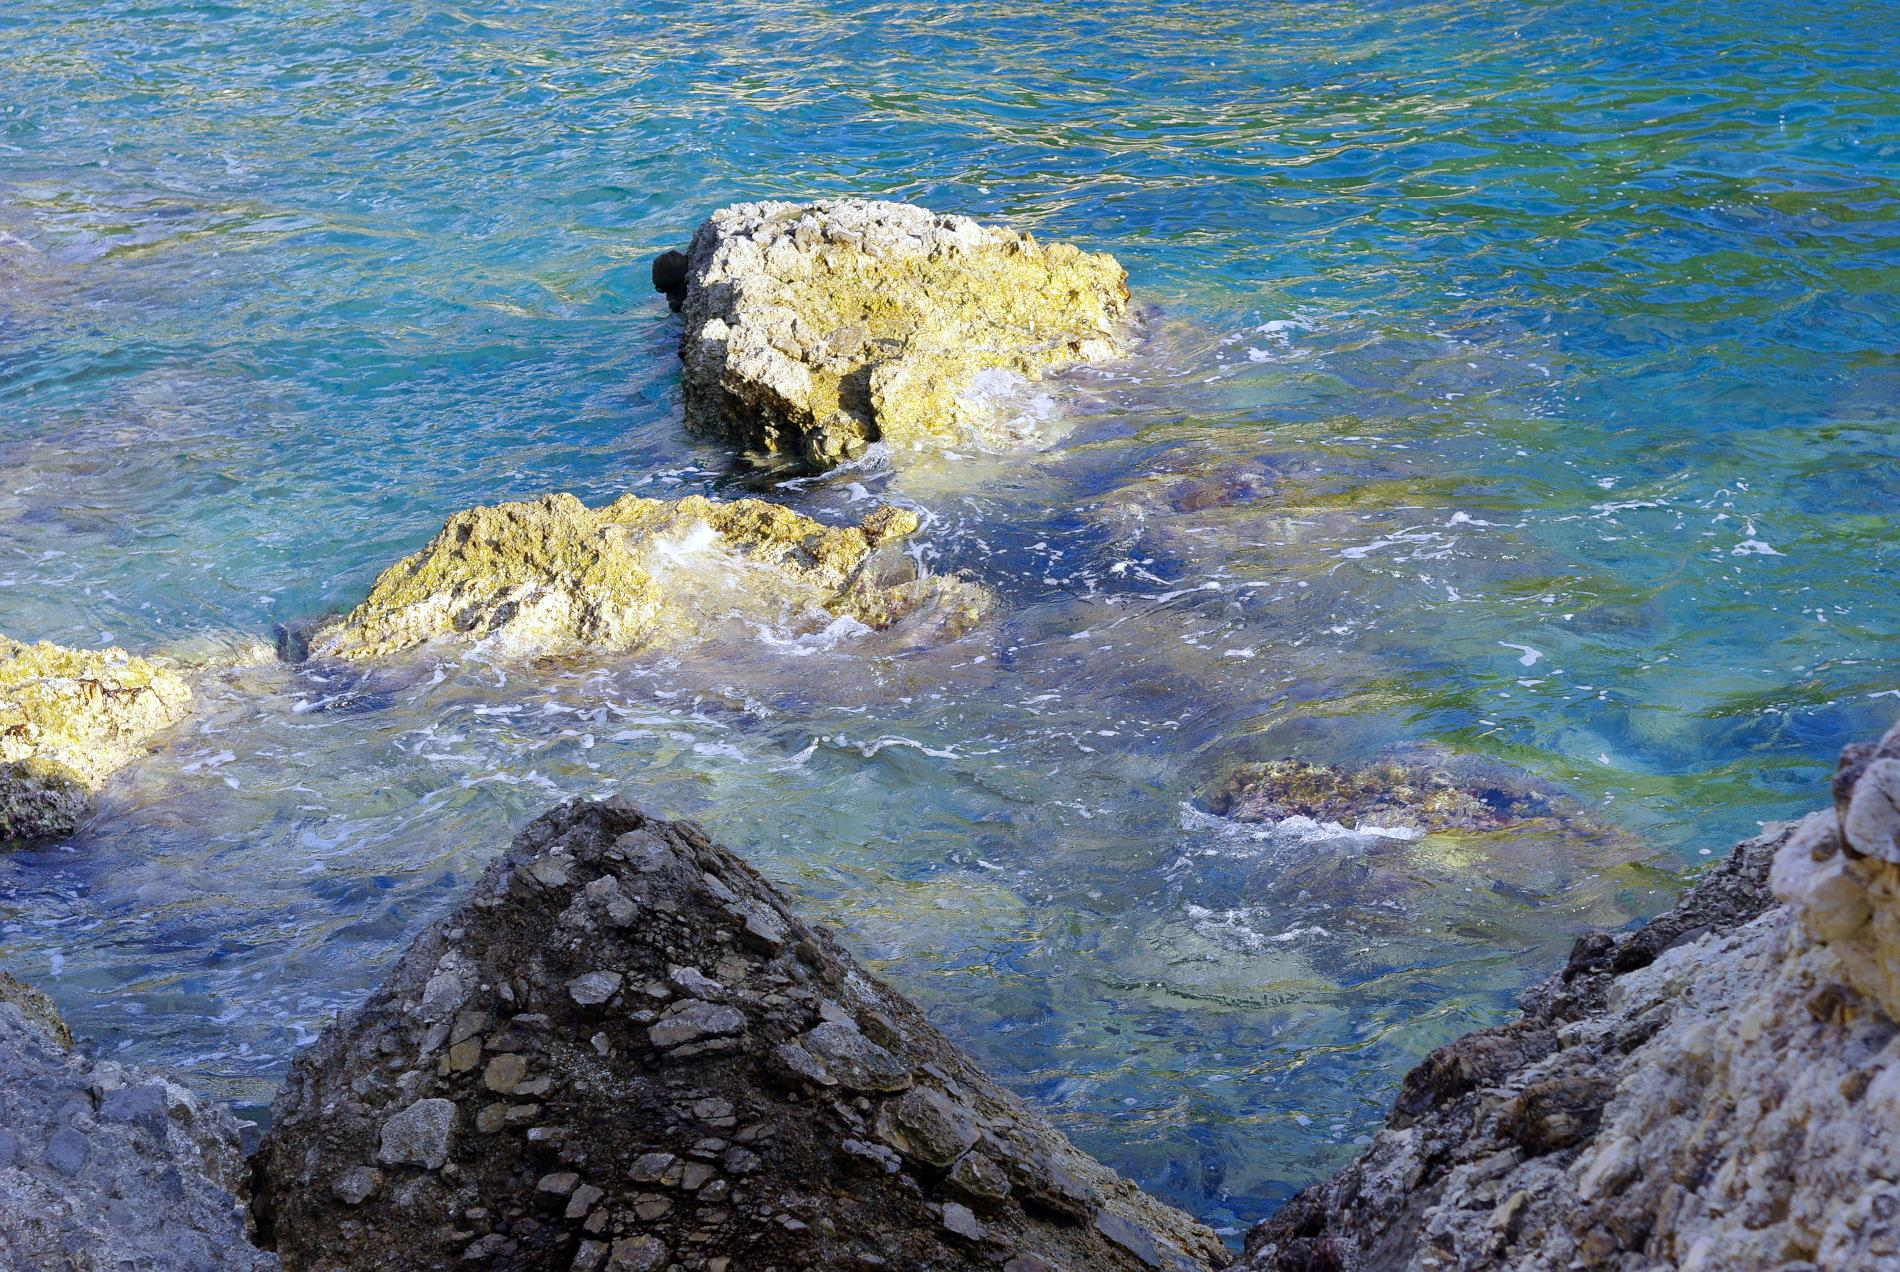 小暑2 夏日海洋 飛魚的故事